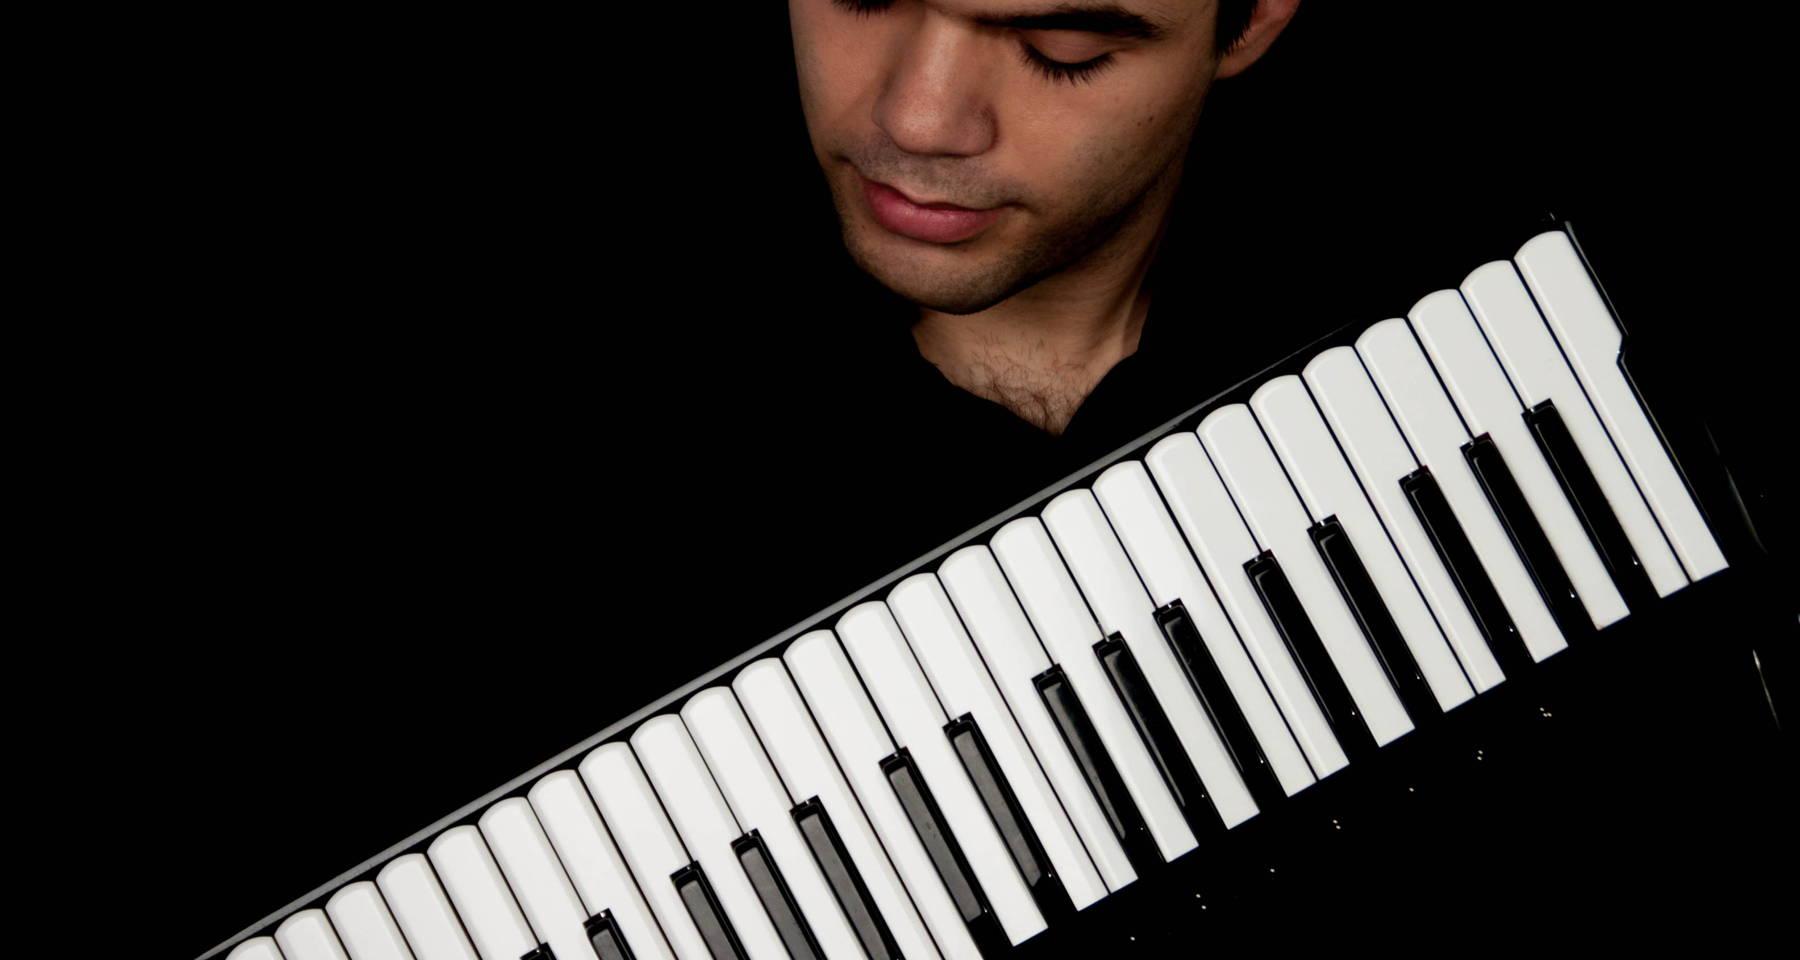 Accordionist Ghenadie Rotari performs Bach's Goldberg Variations